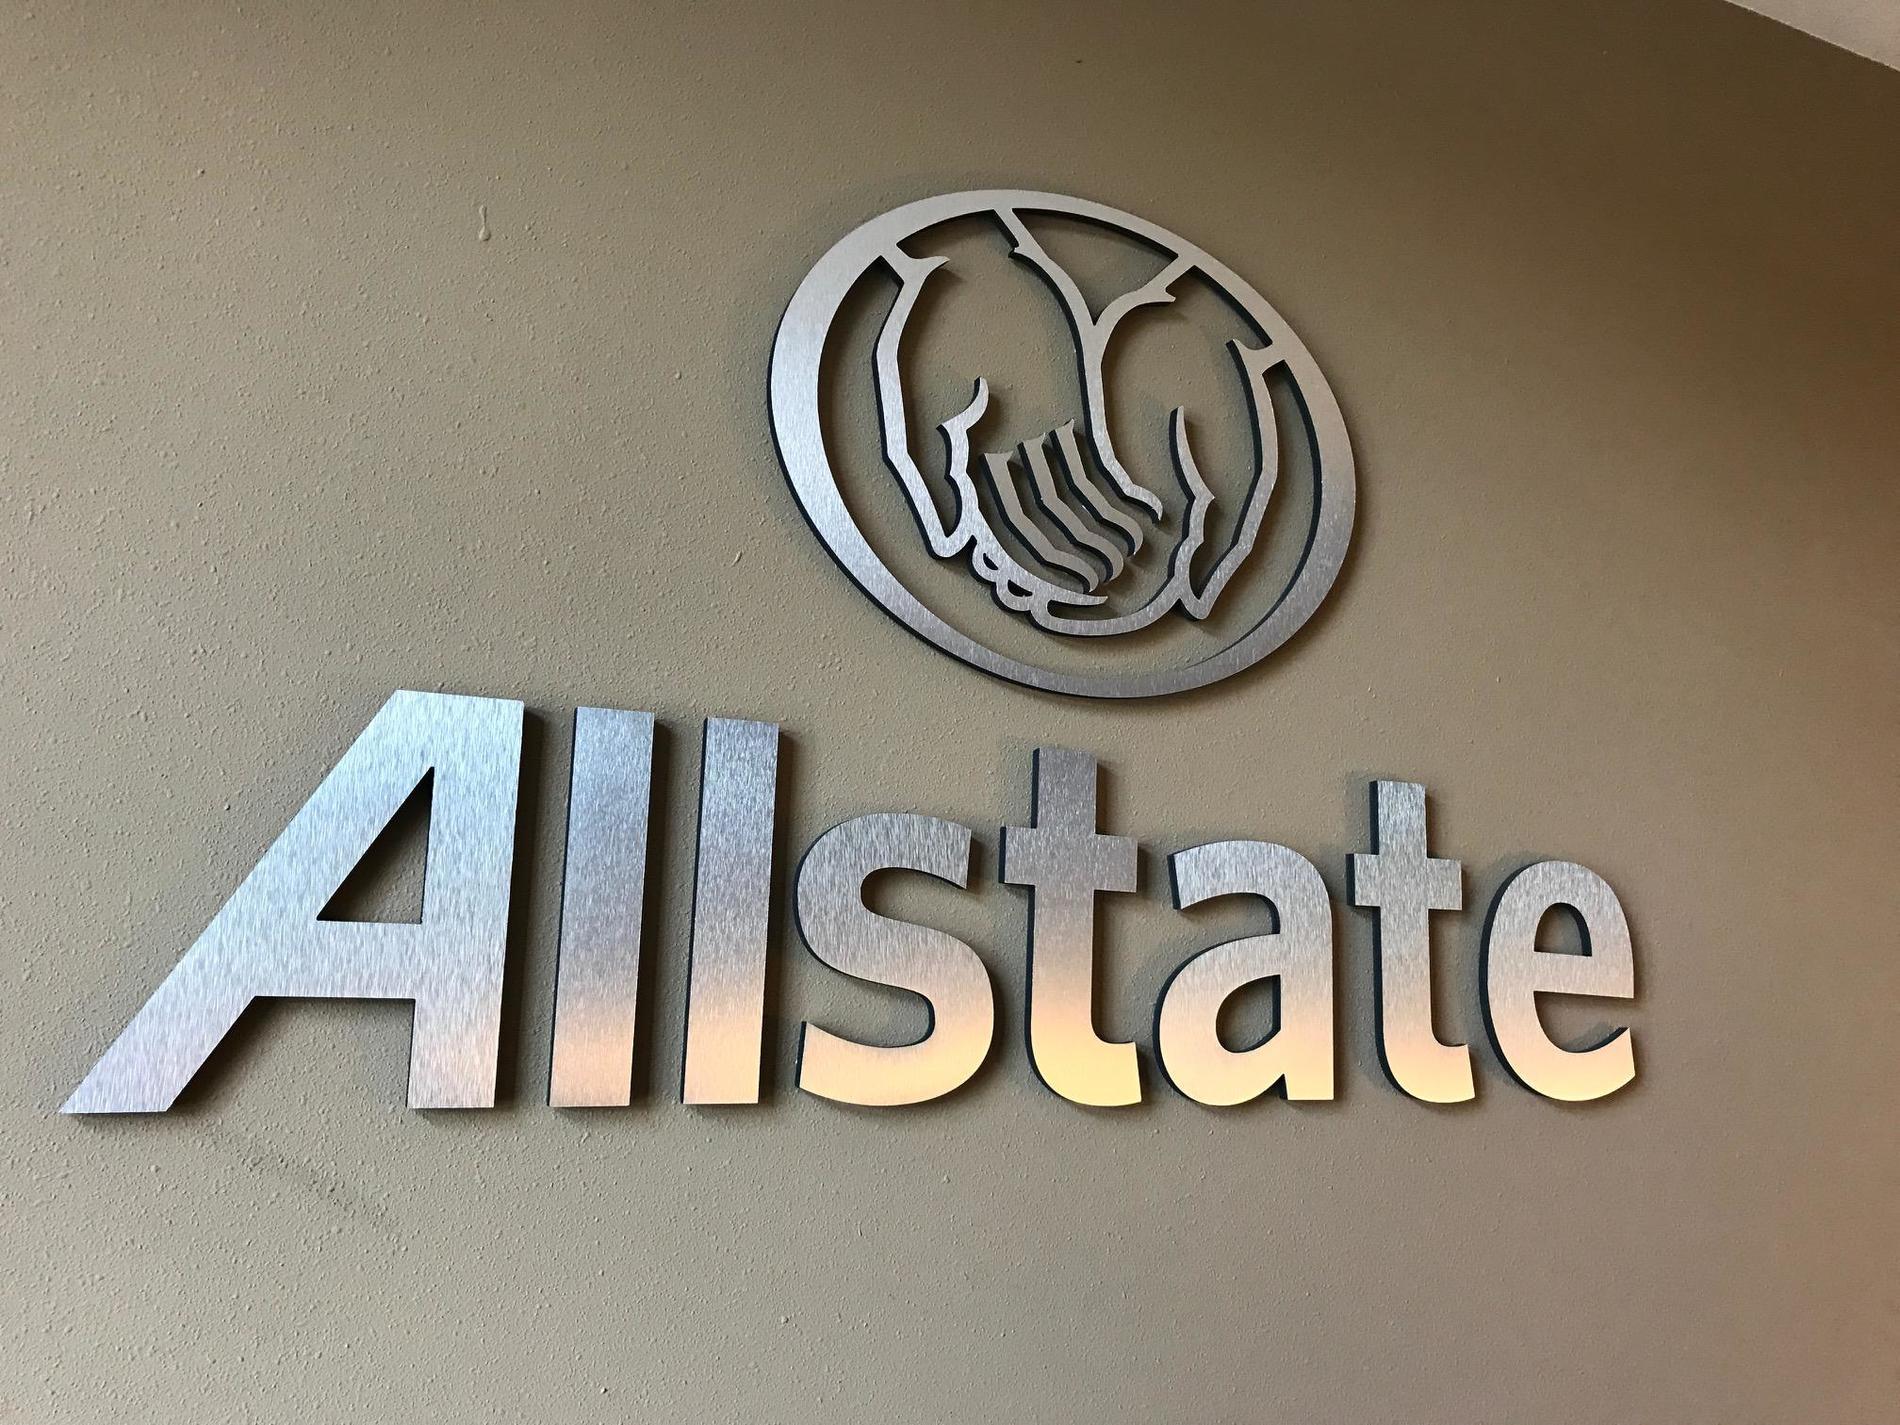 Allstate | Car Insurance in Burnsville, MN - The LeVon Group